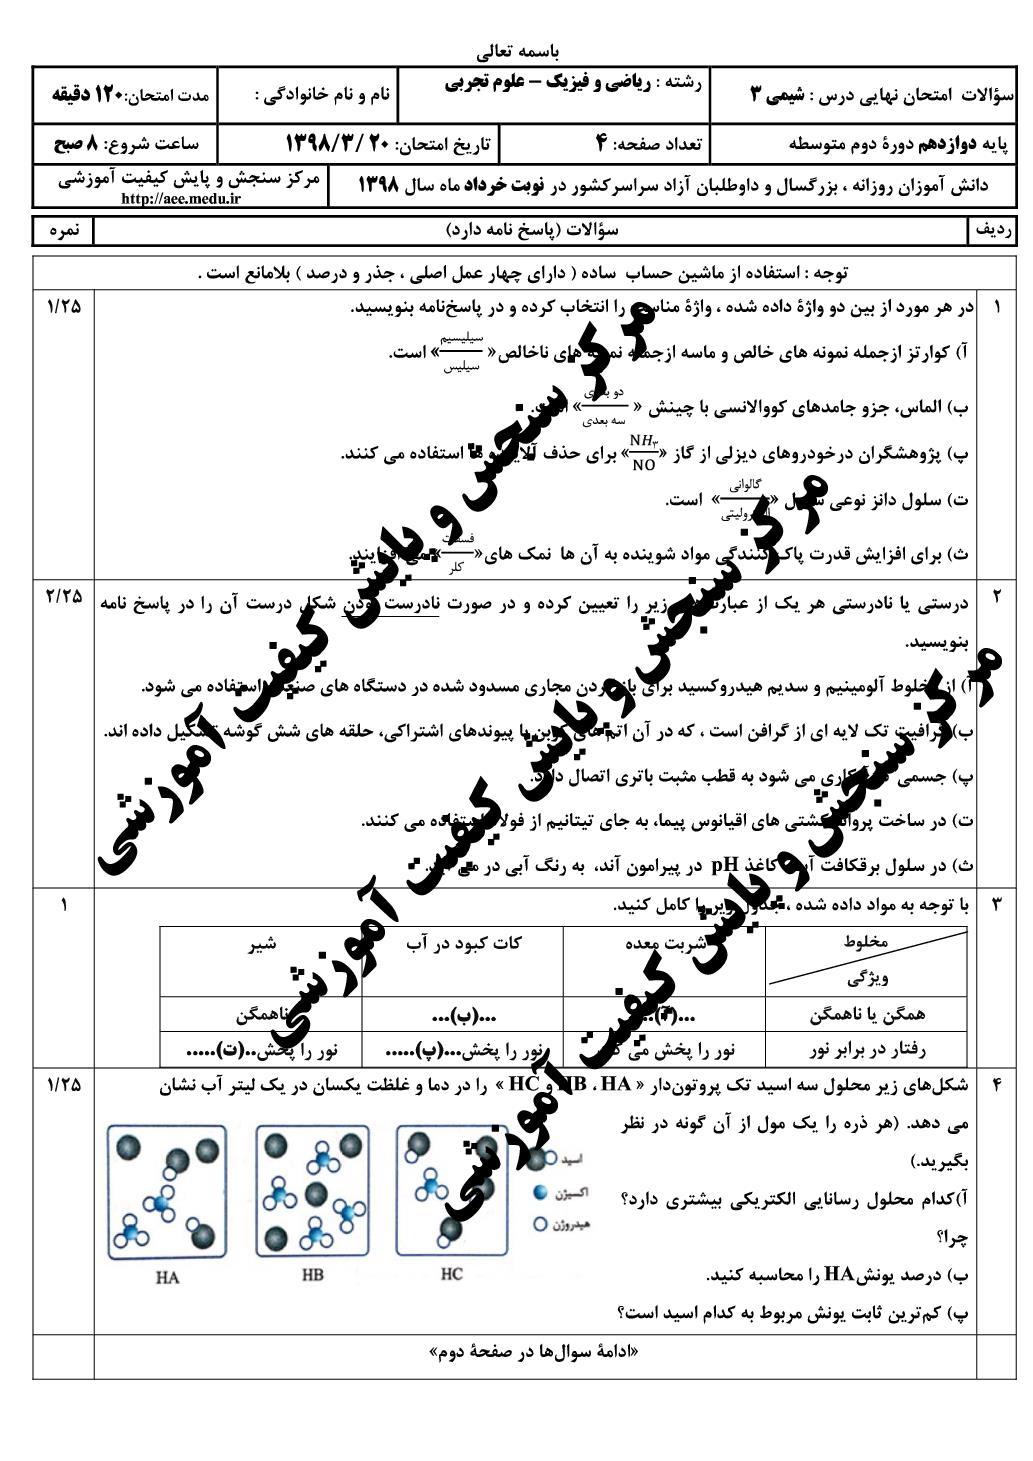 امتحان نهایی شیمی 3 - خرداد 98 (PDF)